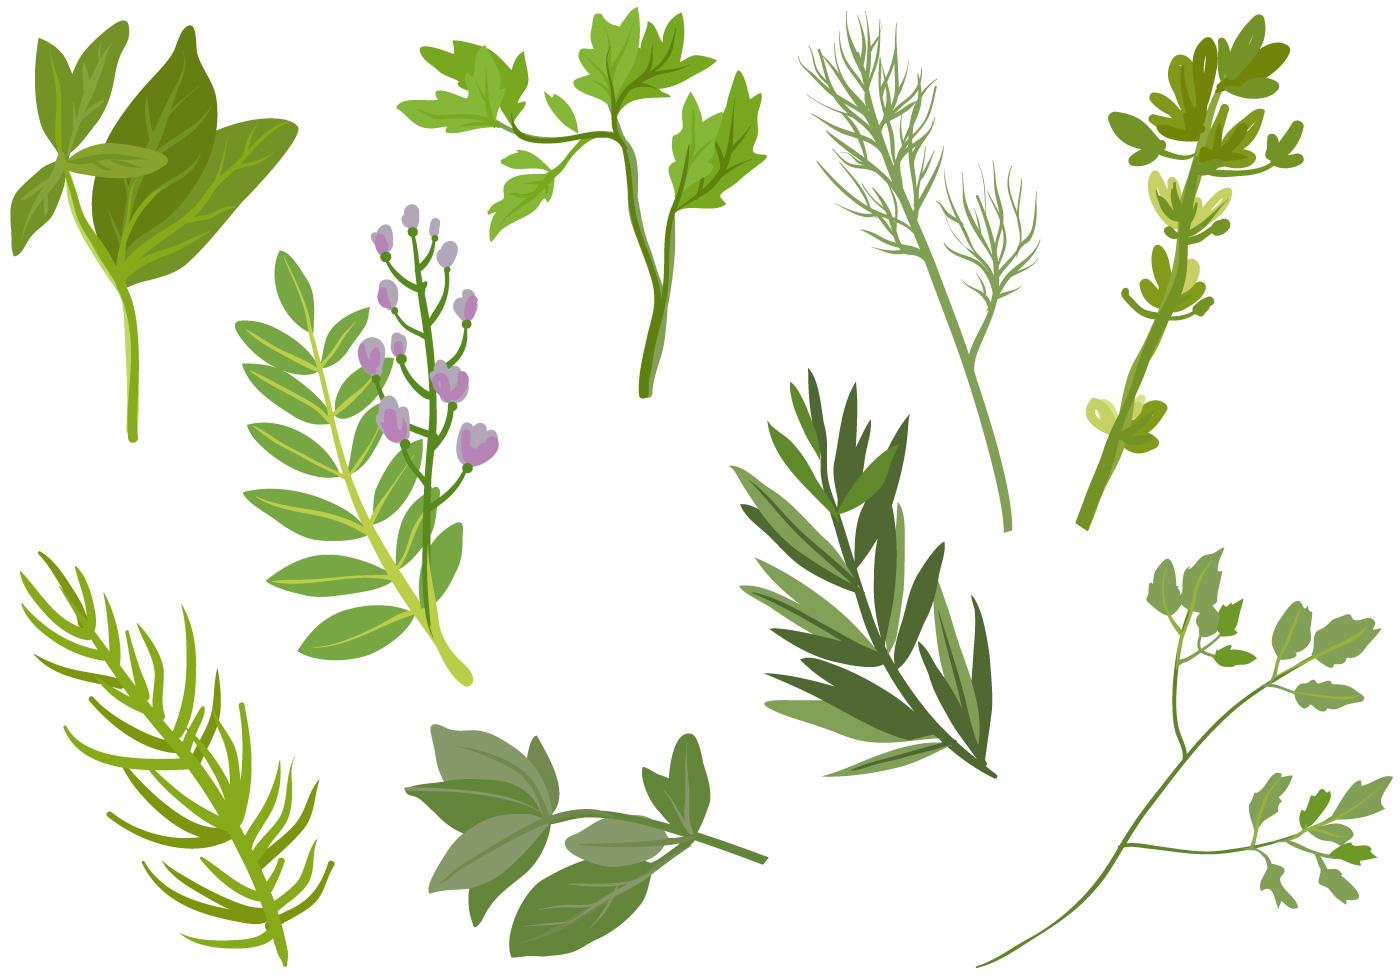 Herbs Vectors - Down